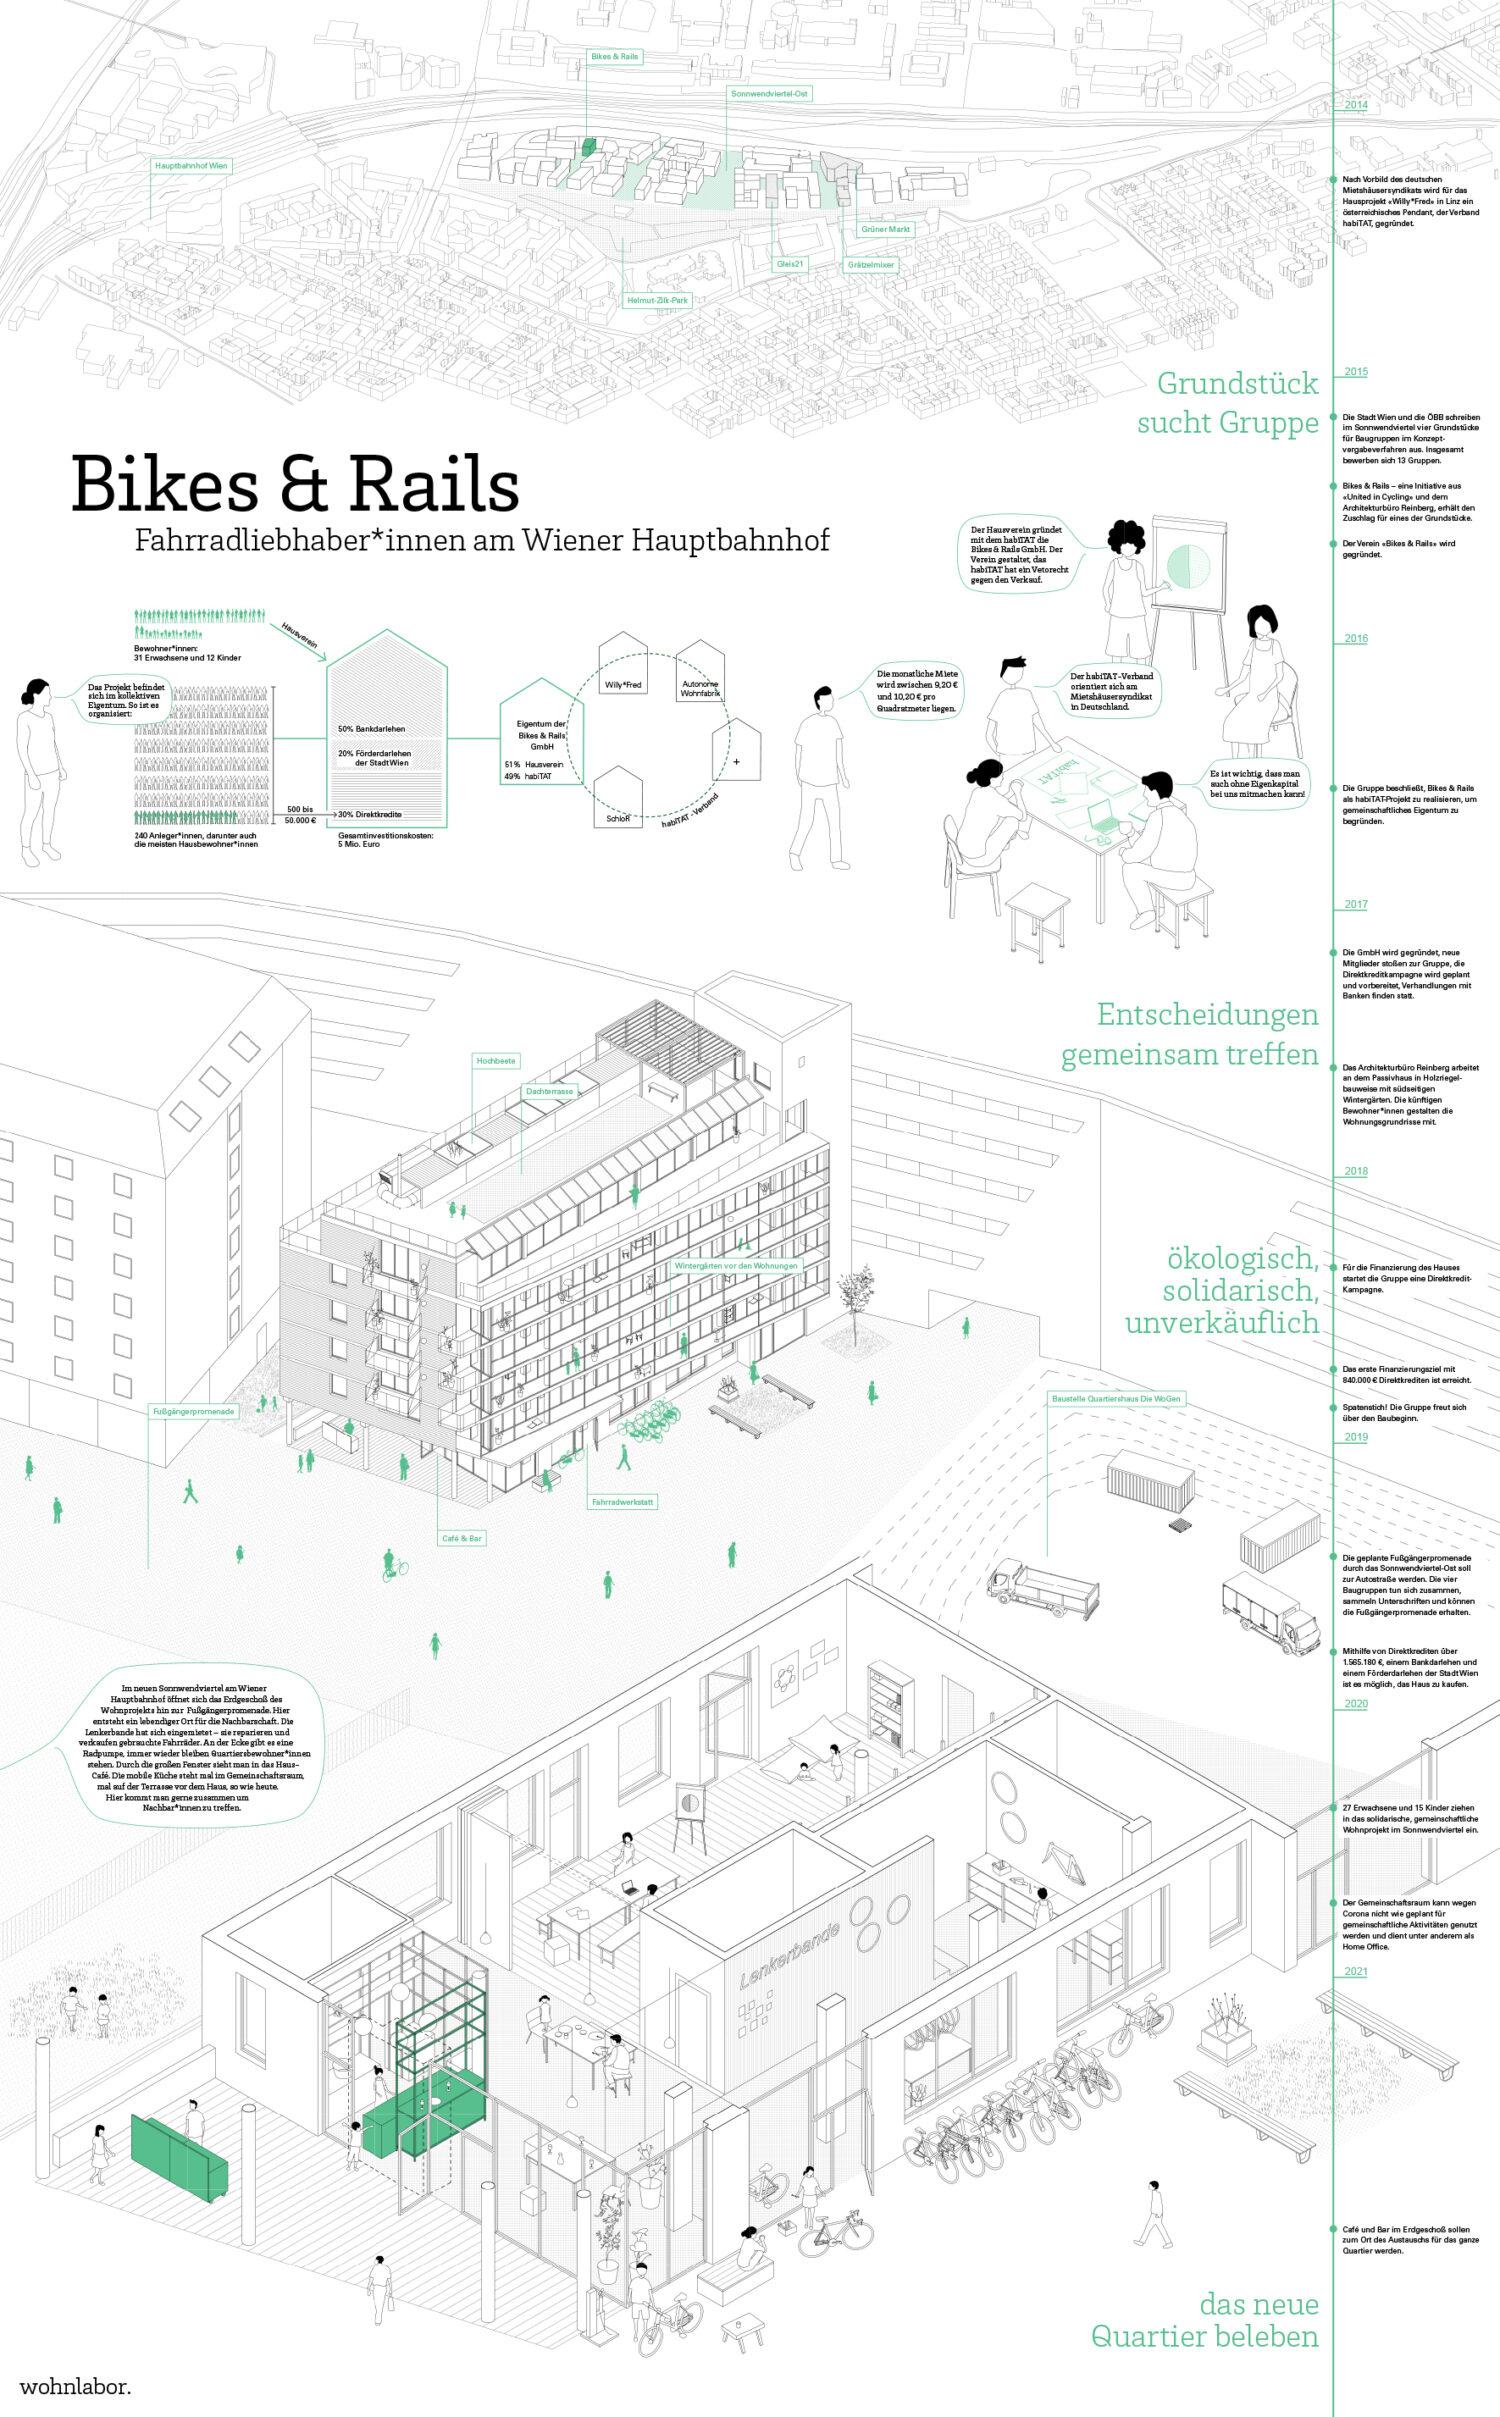 Bikes & Rails, Wien © wohnlabor